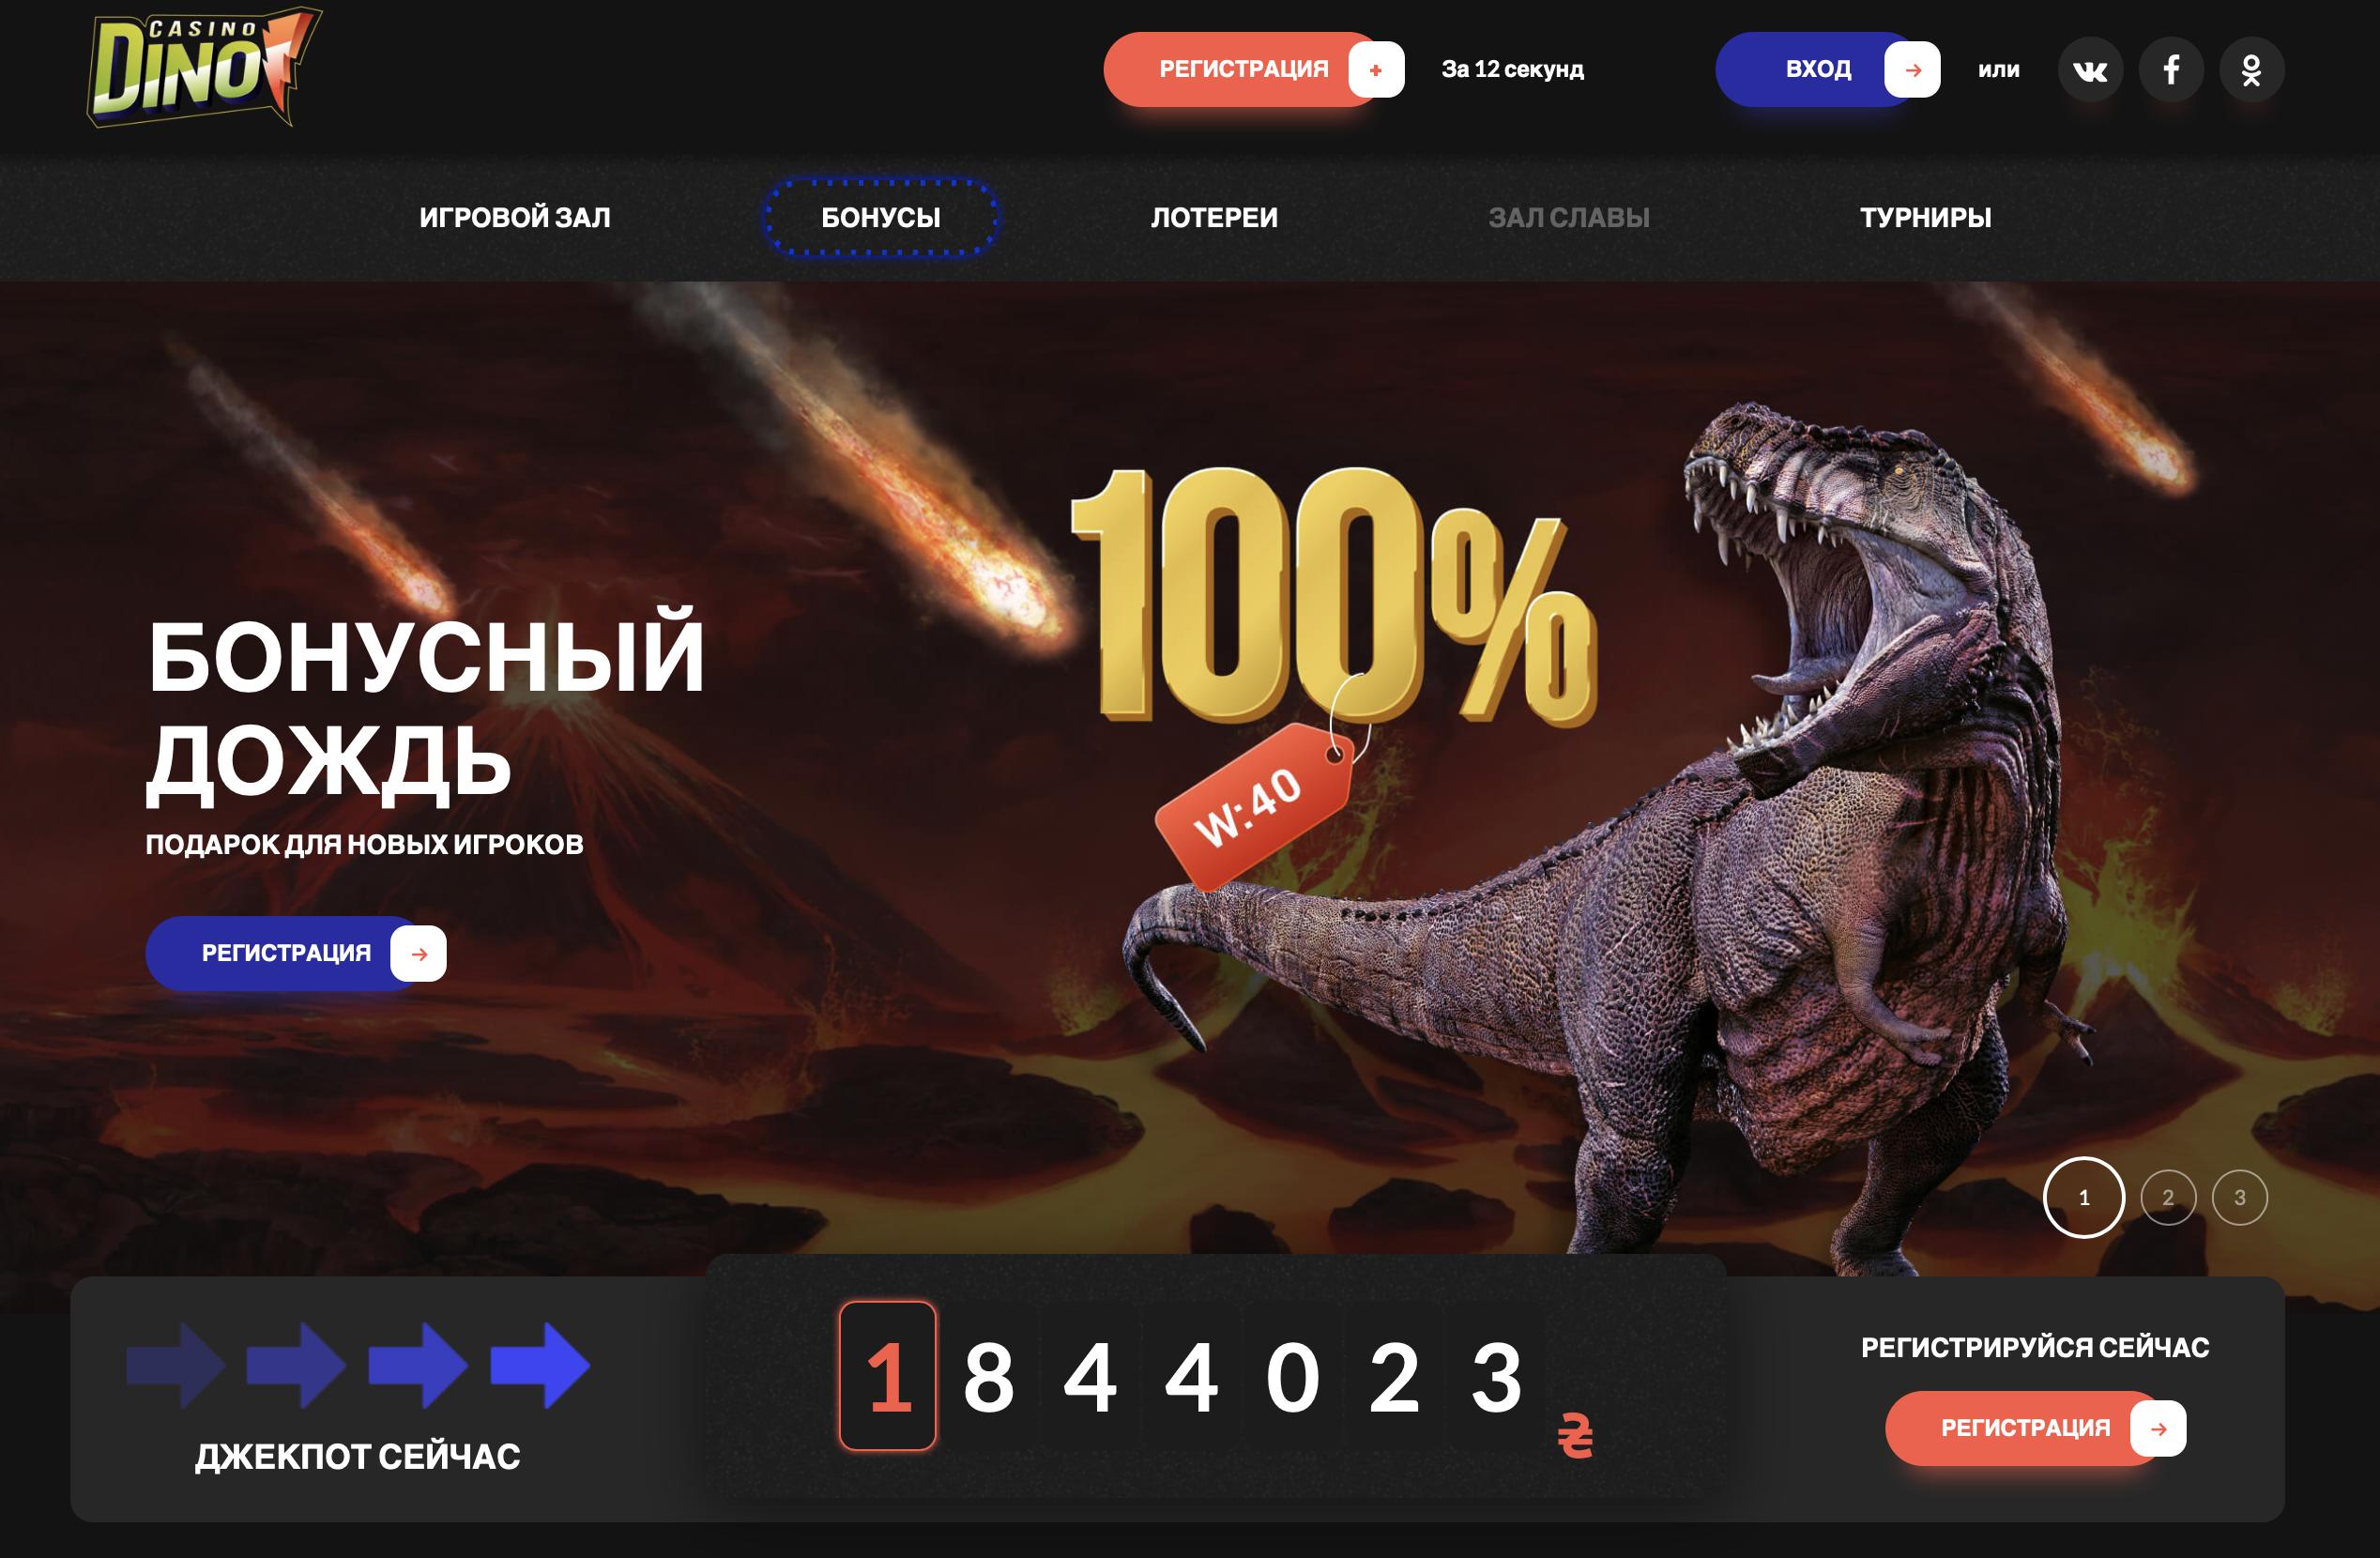 В какие игровые автоматы играют в Украине?